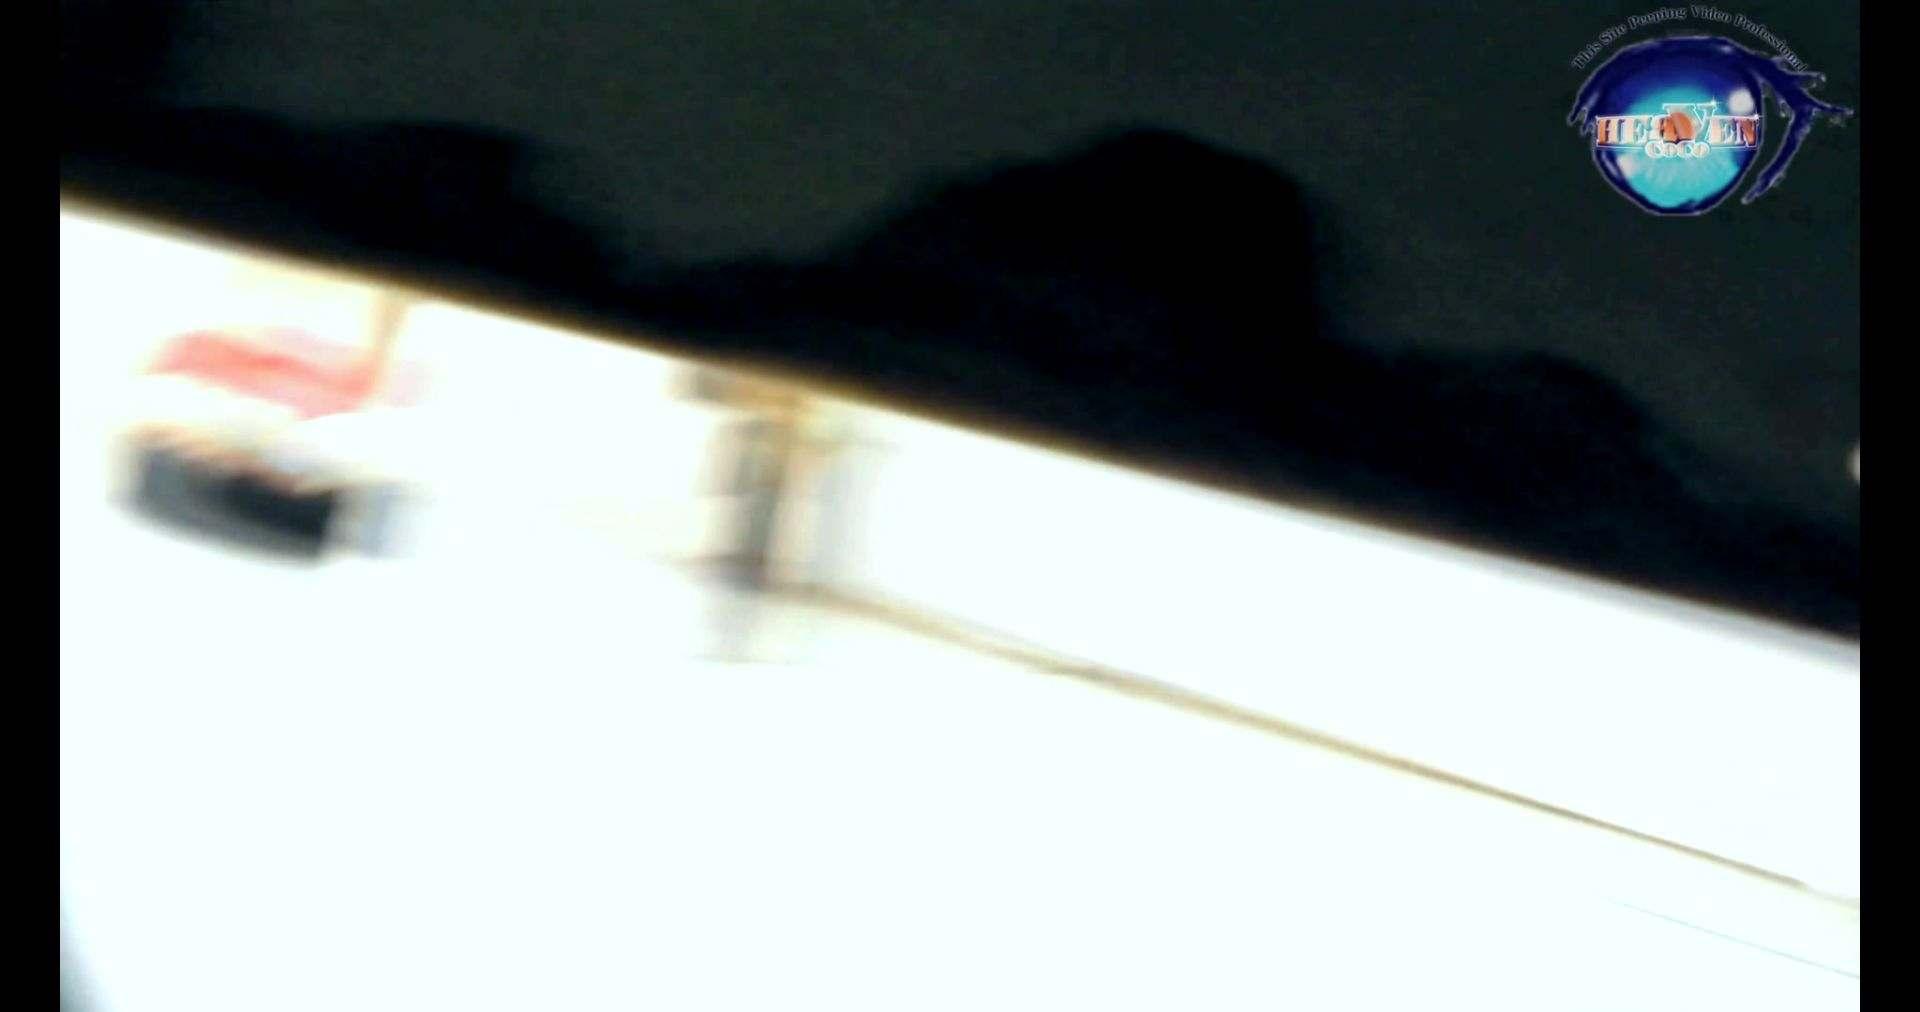 世界の射窓から~ステーション編~vol.36 無料動画に登場したトップクラスモデル本番へ 0  80pic 40